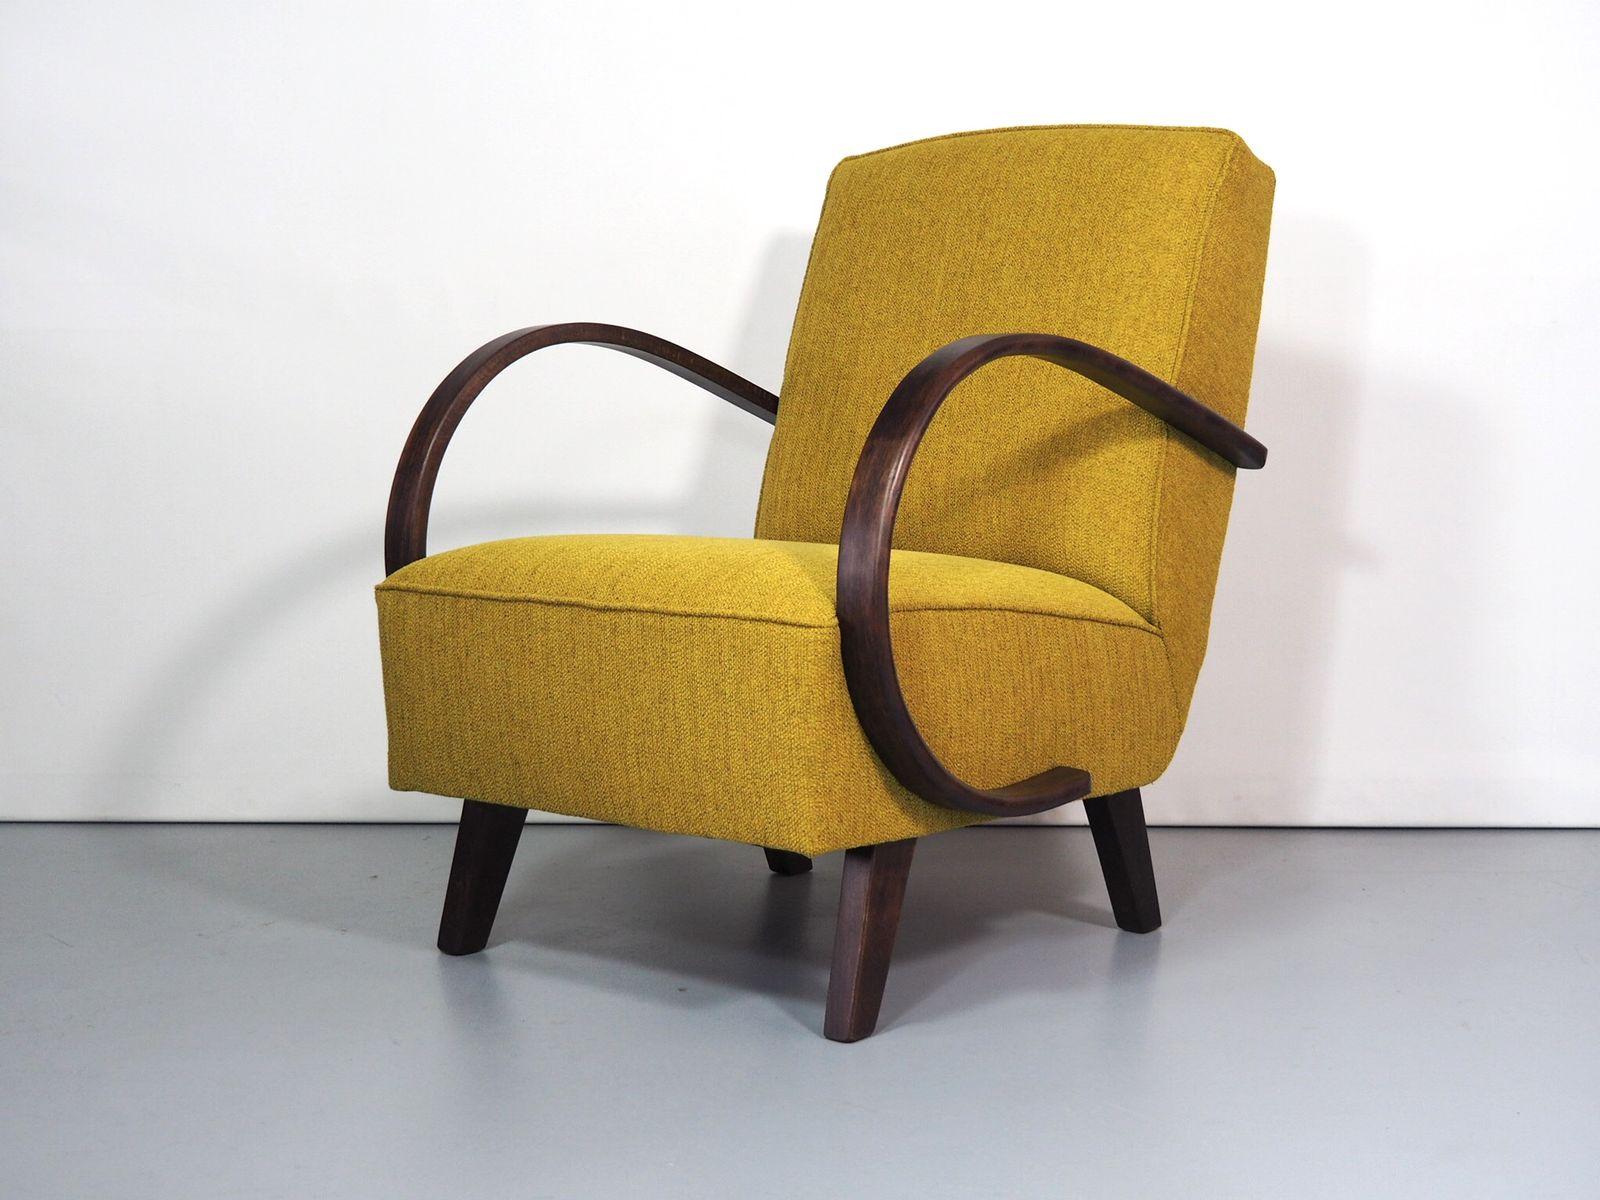 Art Deco Sessel von Jindrich Halabala